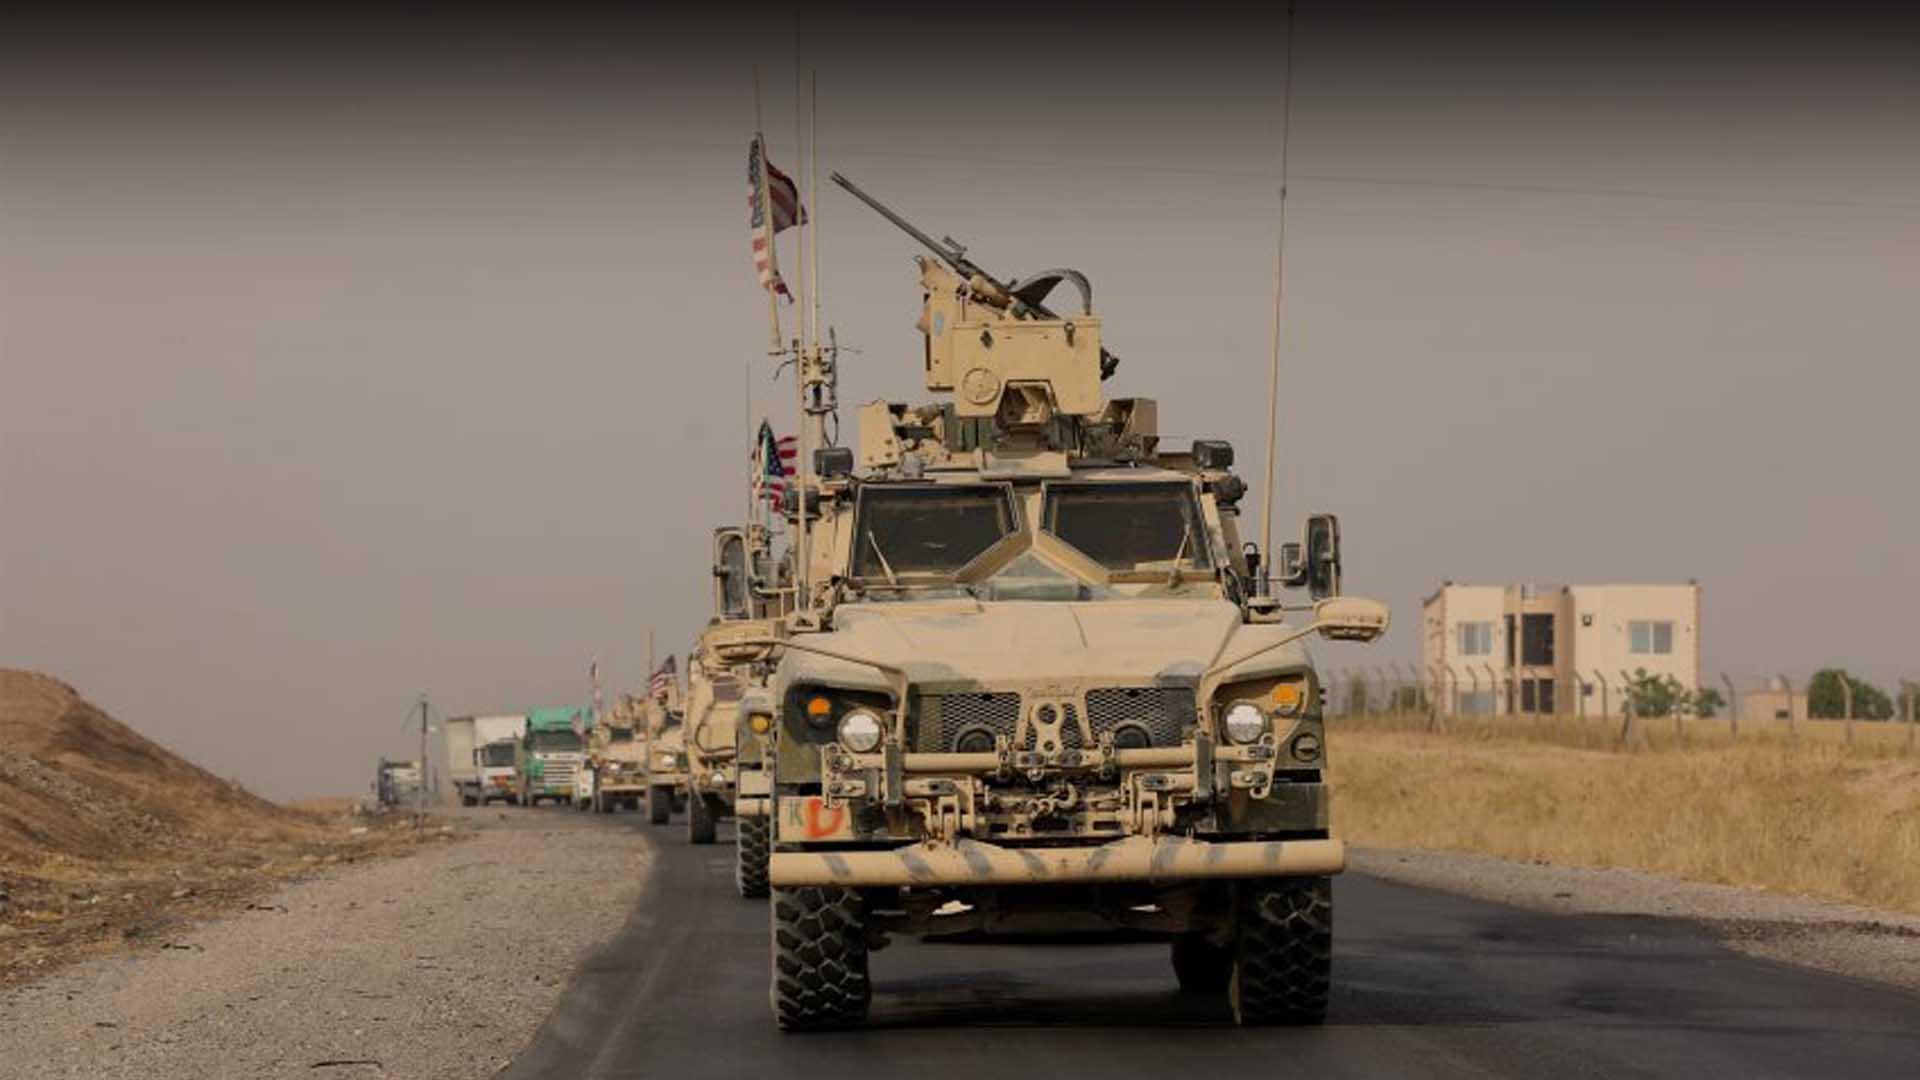 صراع القوى الكبرى وإستراتيجية الشراكة في الشرق الأوسط